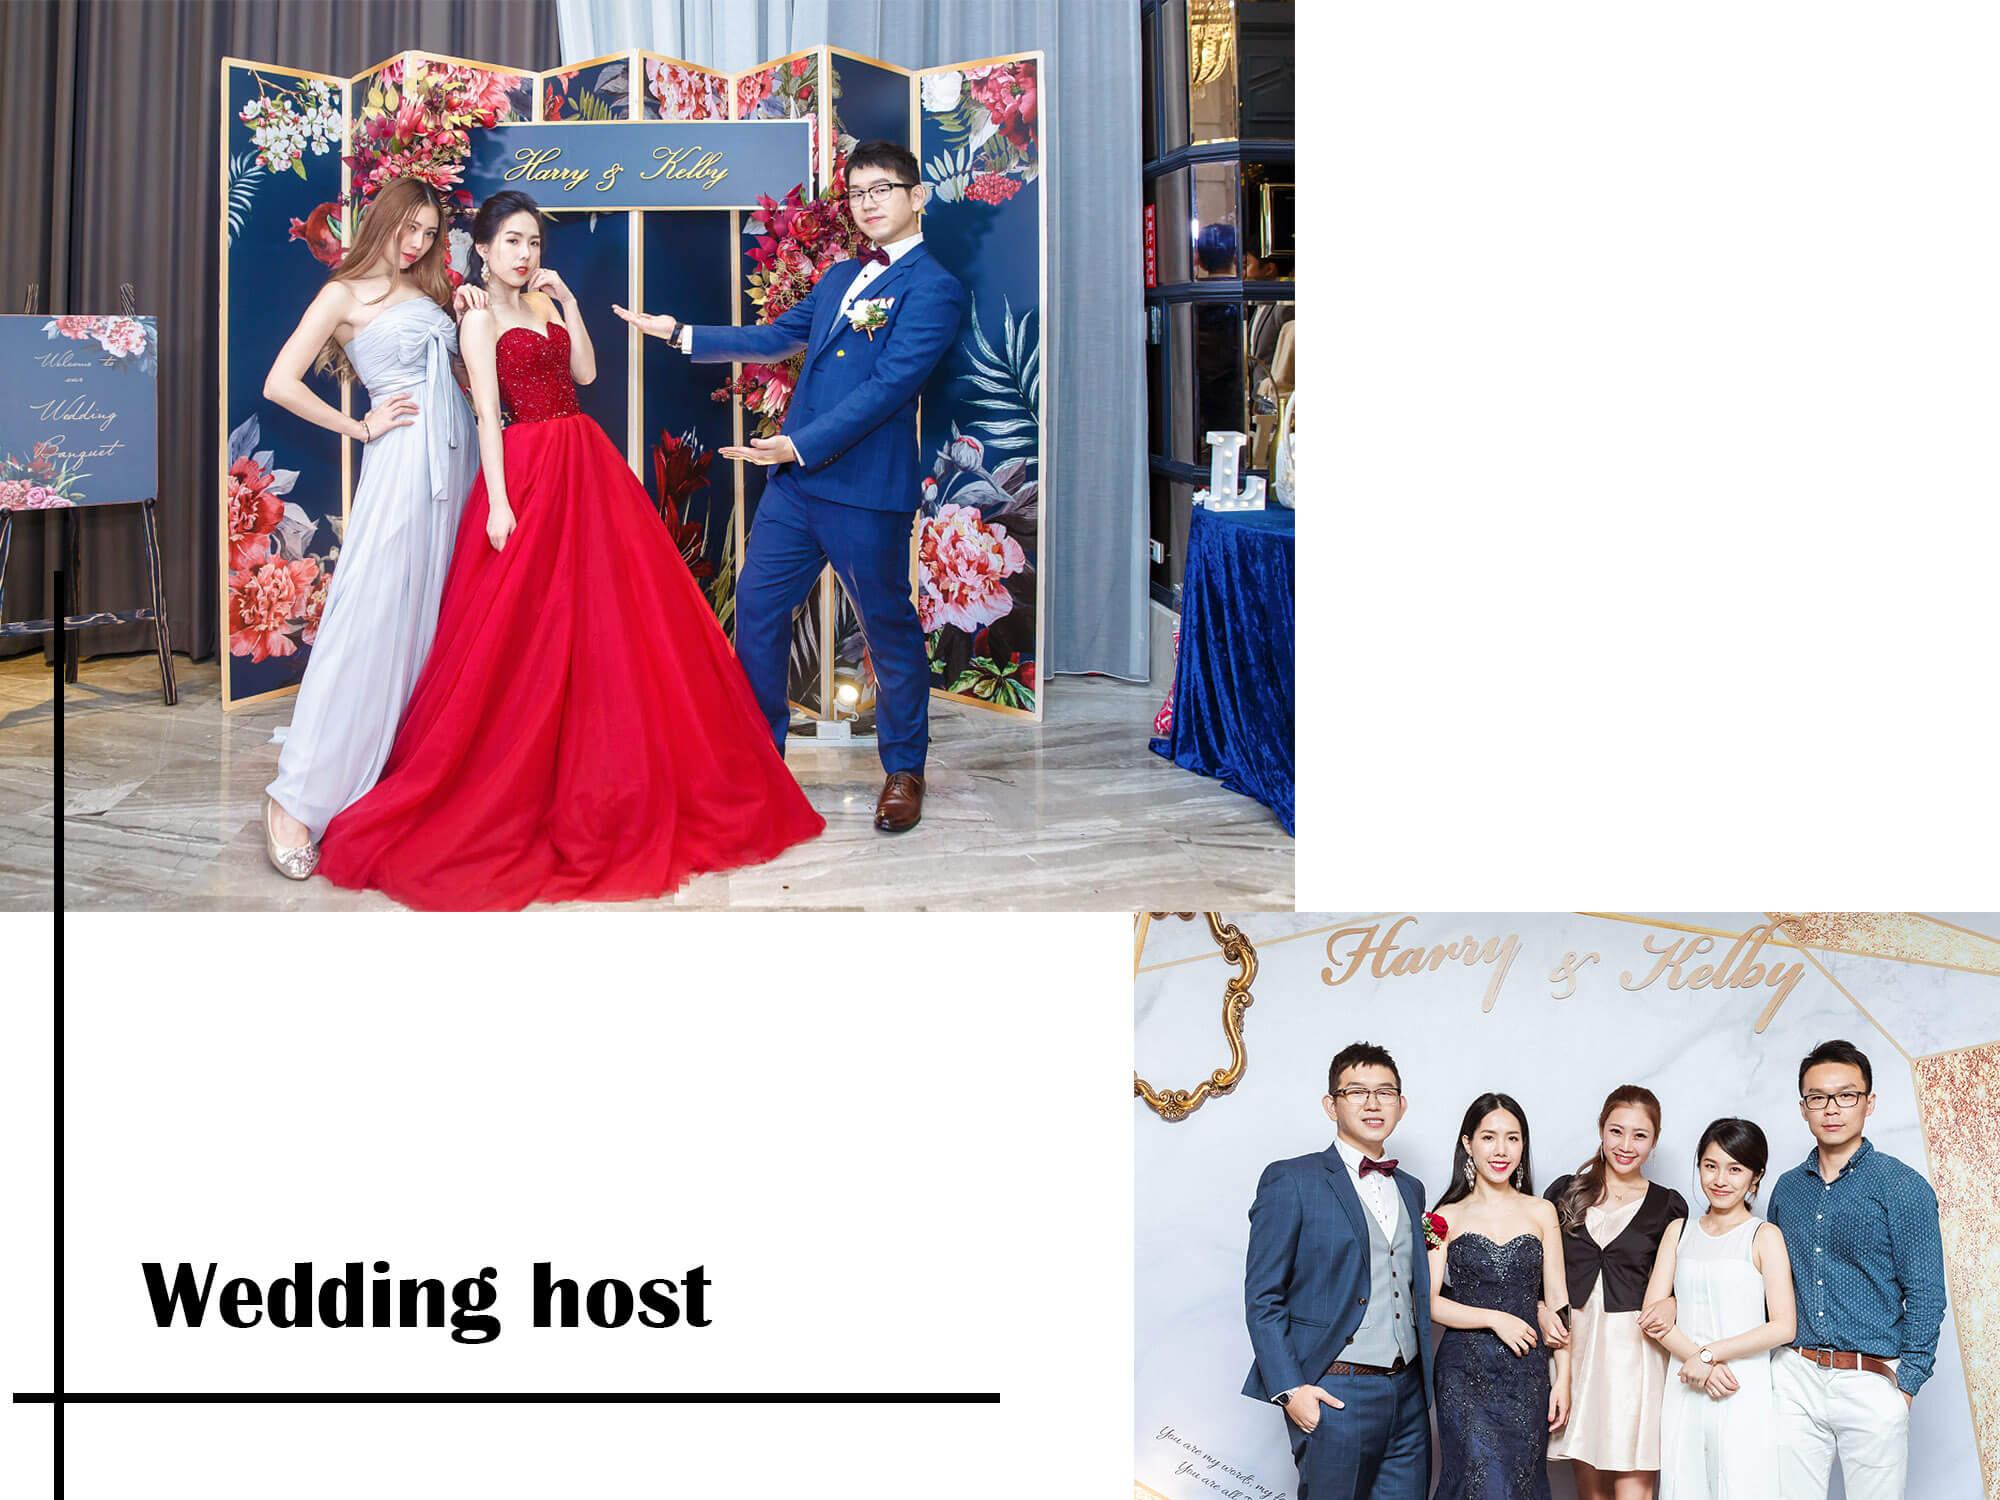 婚禮主持|婚宴活動點子王,家人朋友都稱讚的主持人-可希(艾式團隊)